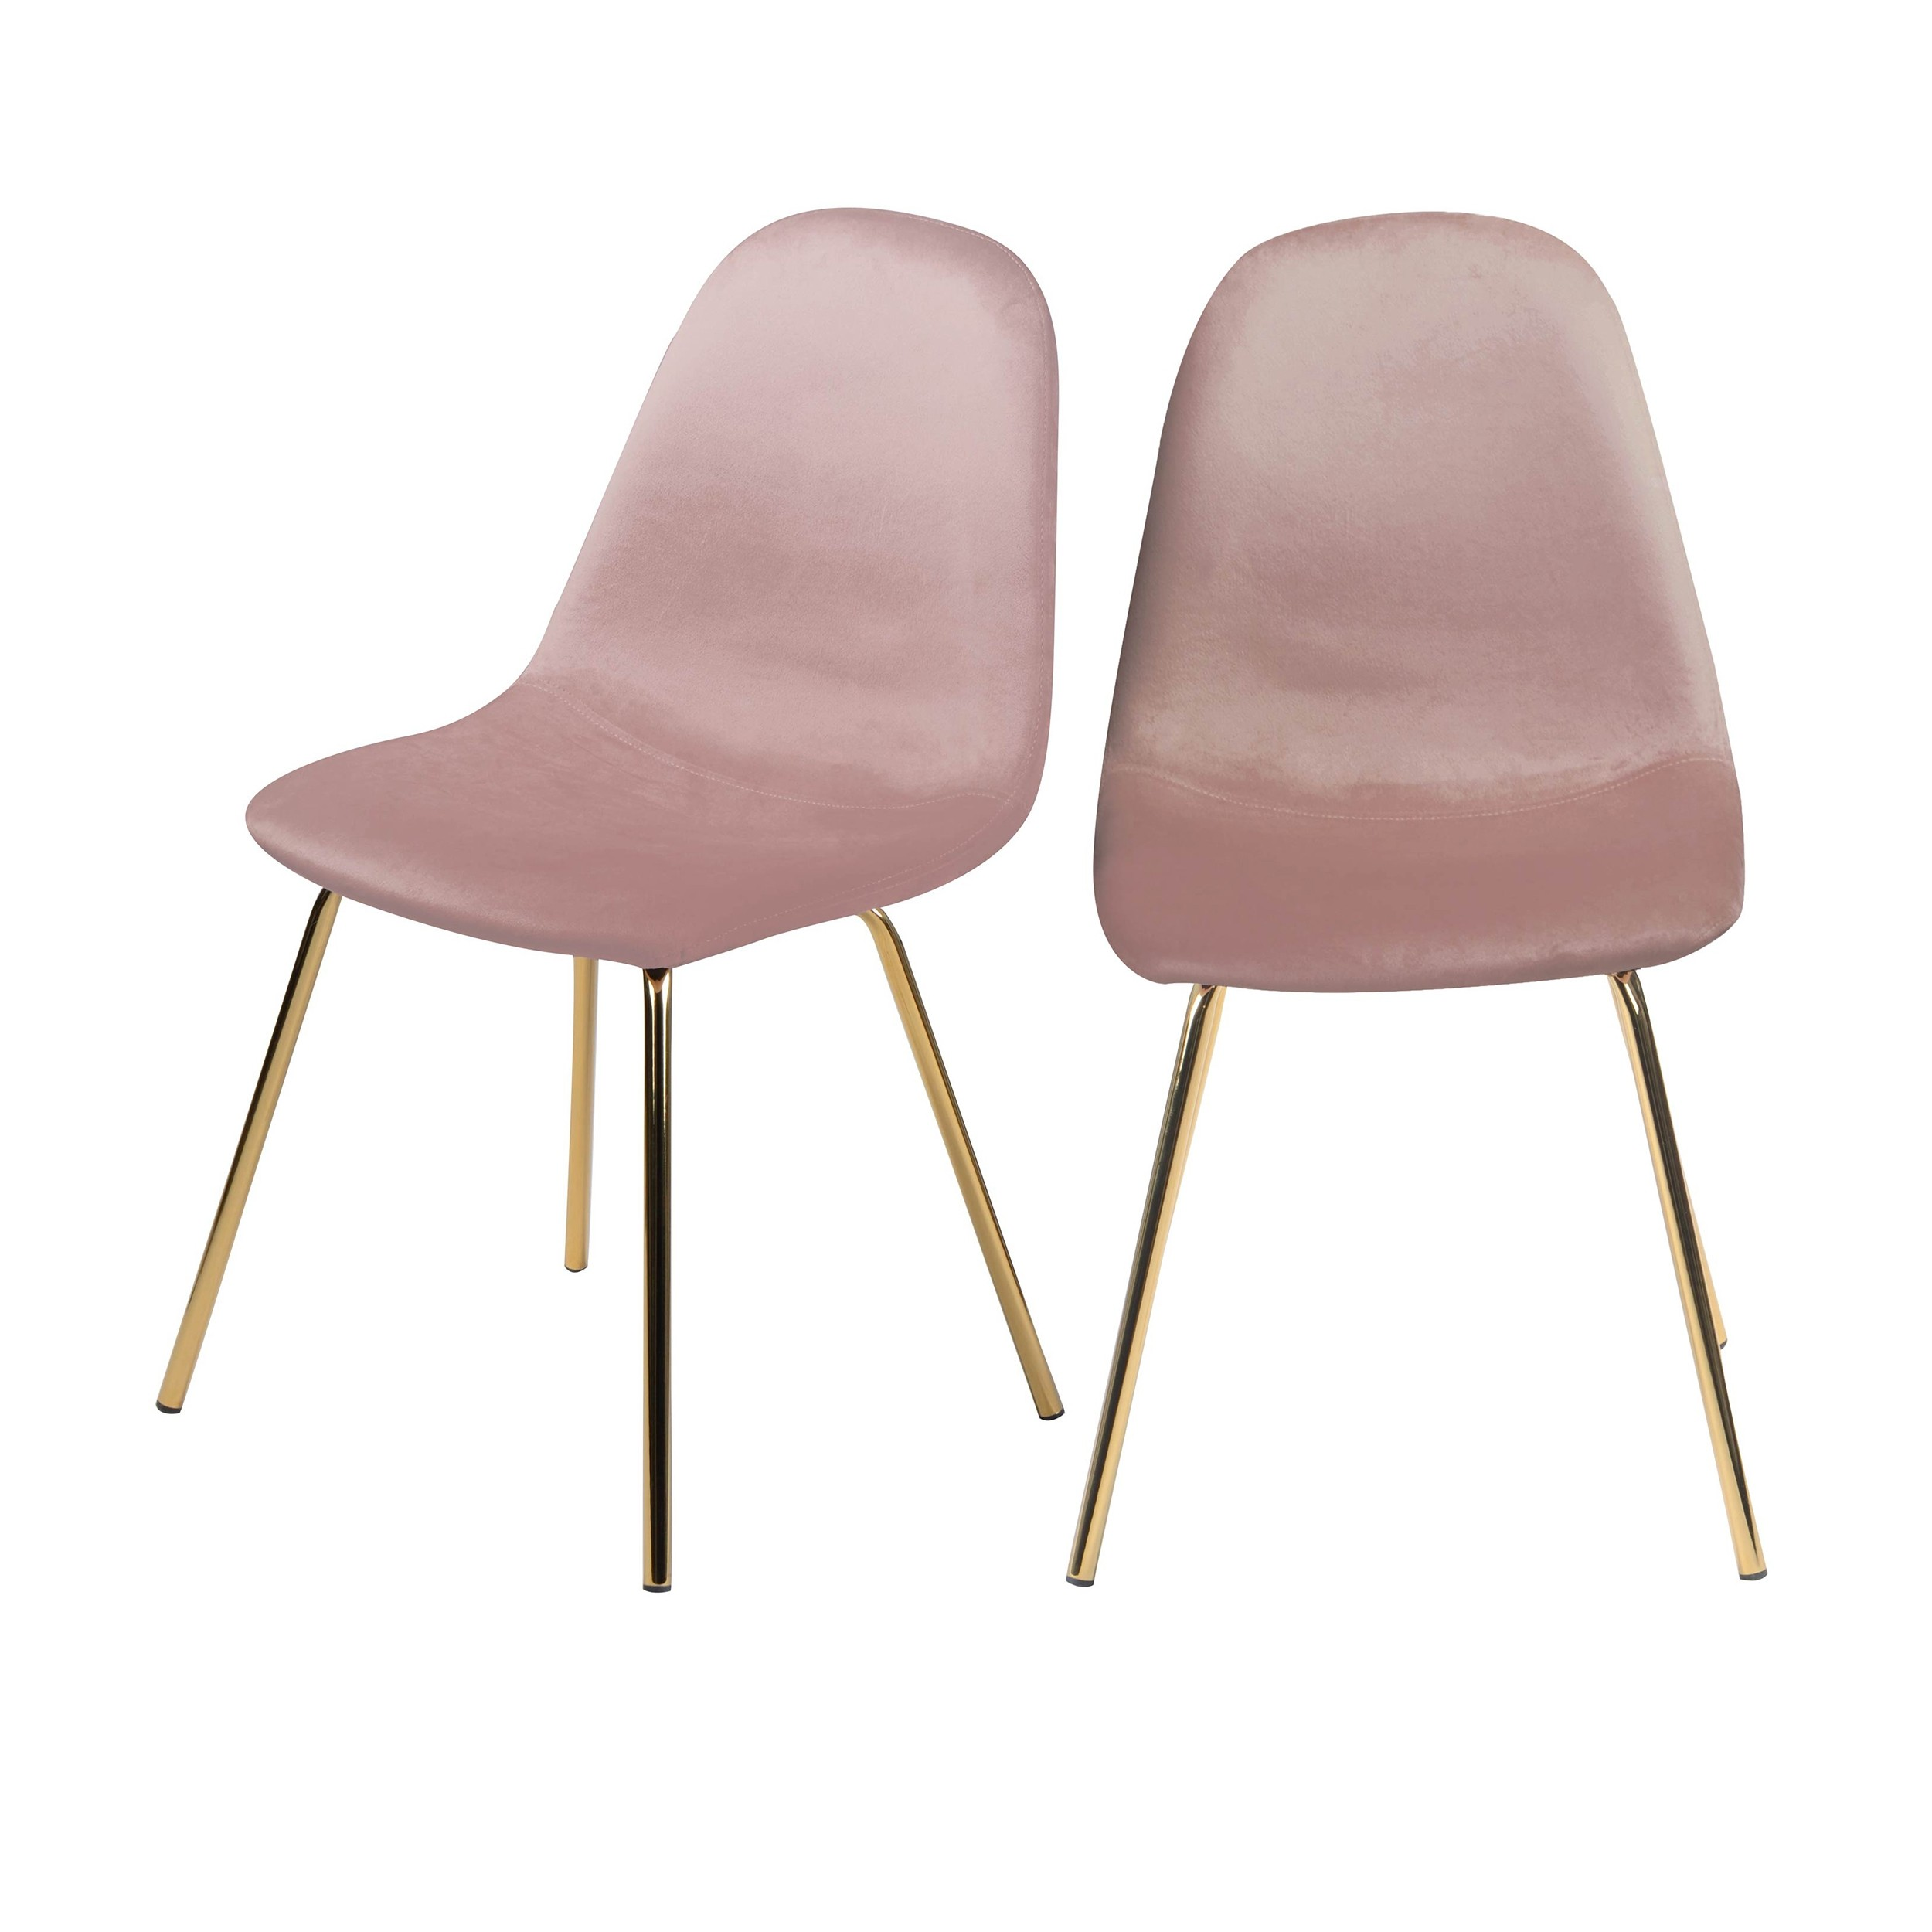 acheter chaise rose velours pieds laiton lot de 2